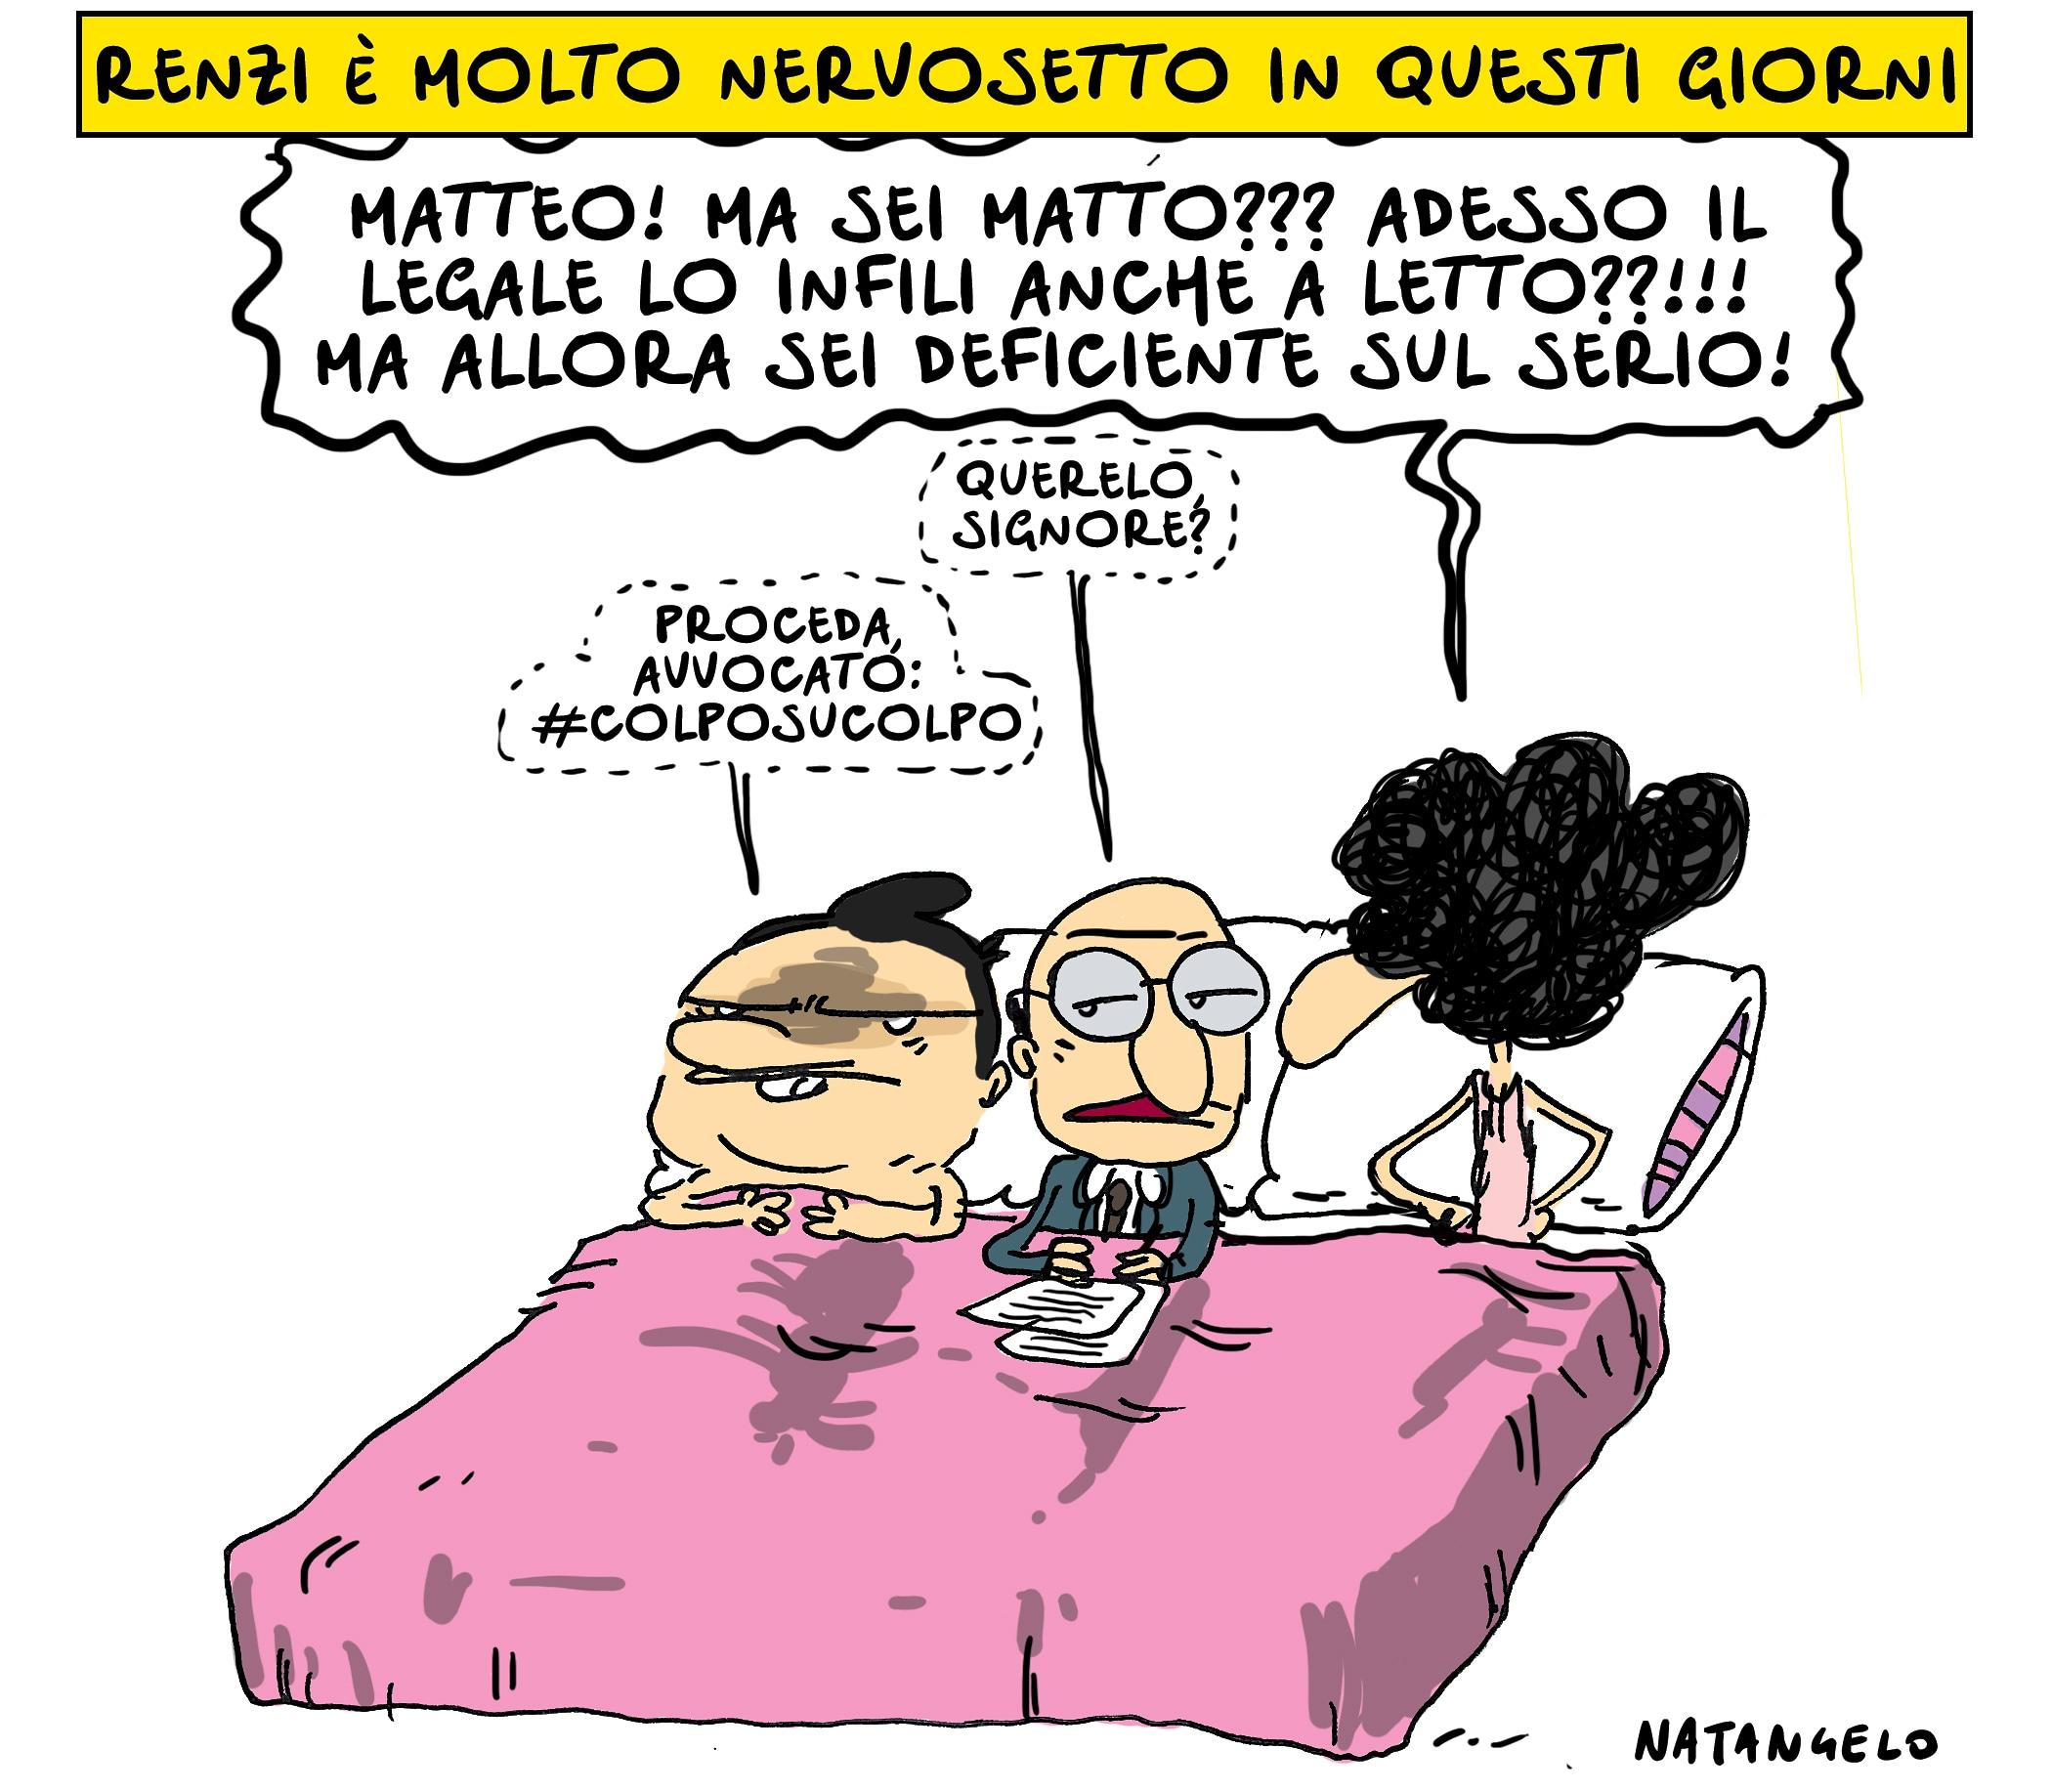 Renzi è nervoso